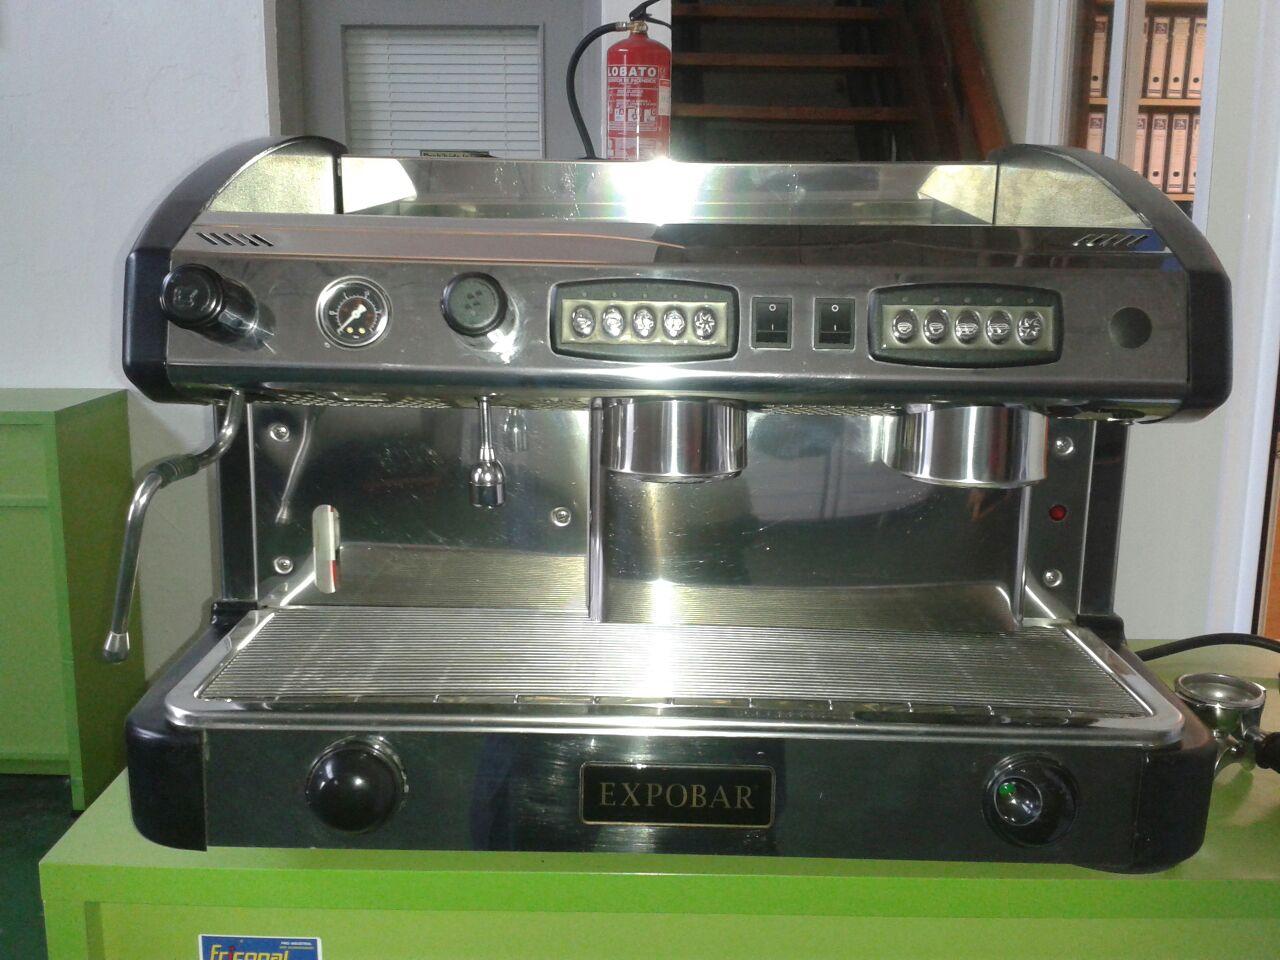 Cafeteras industriales de segunda mano un blog sobre for Cocinas industriales segunda mano